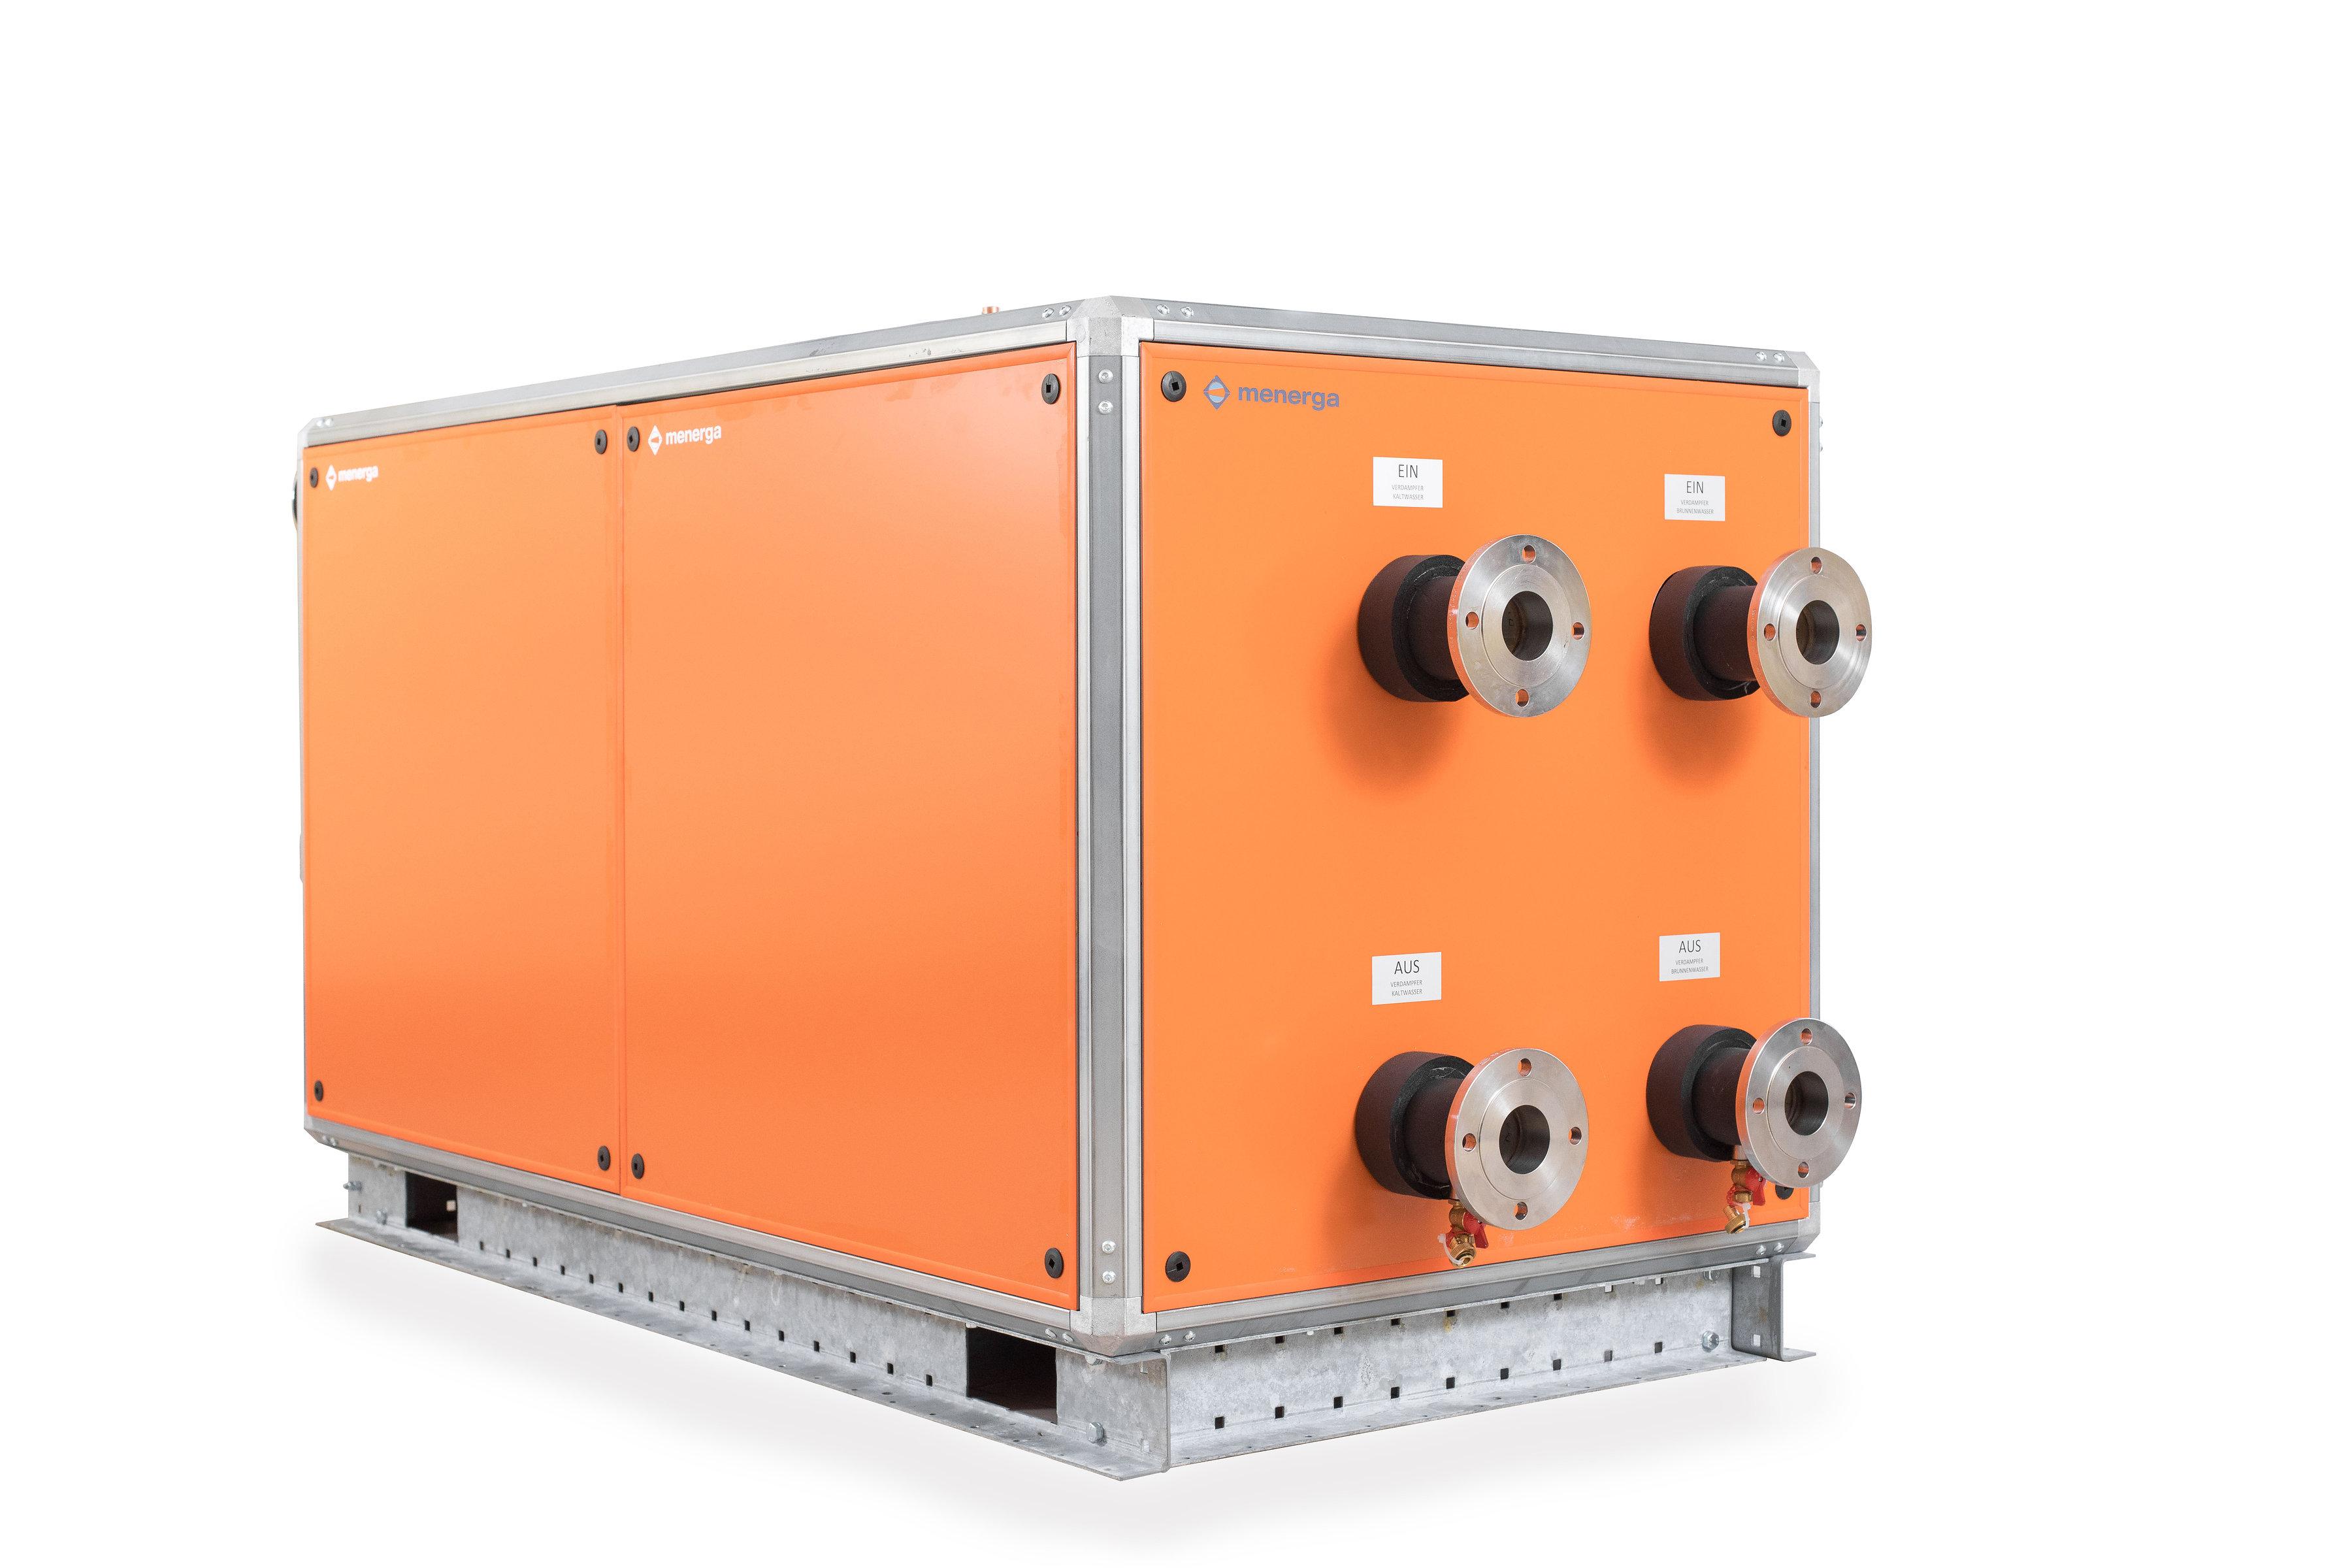 Rewatemp_Toplotna črpalka in hladilni agregat v eni kombinirani napravi _Web